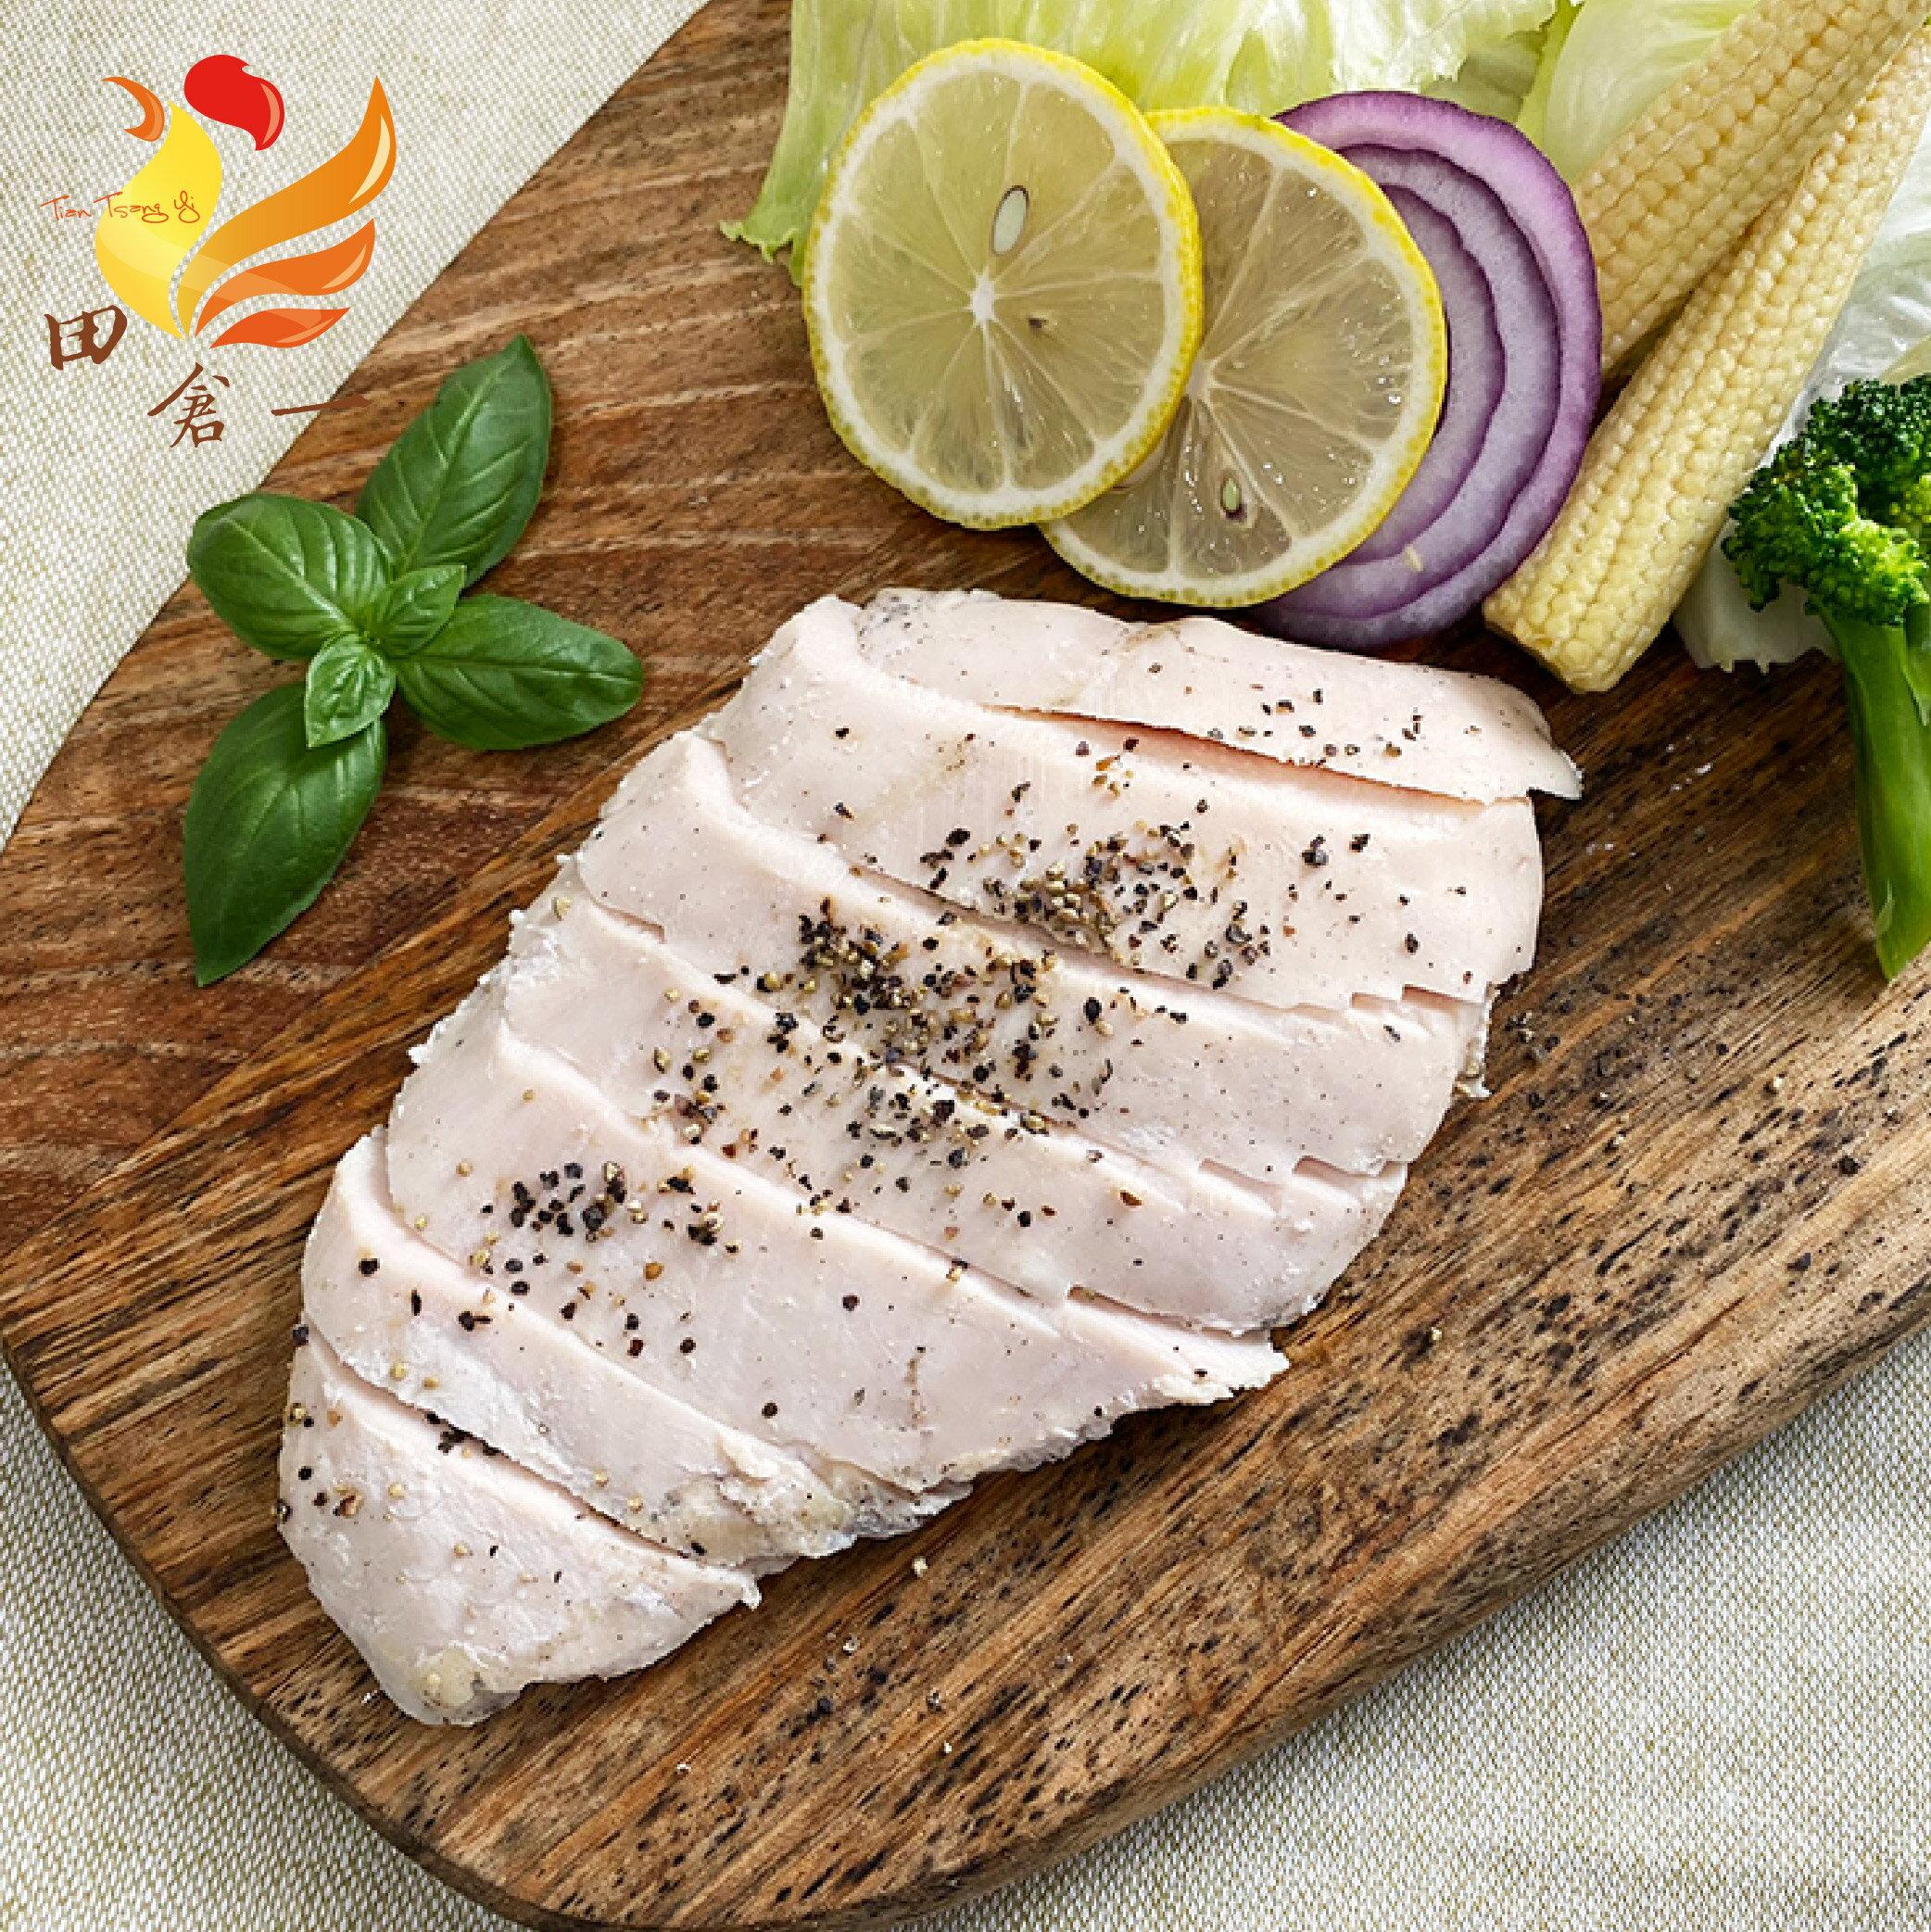 【田倉一食品】《蒜香黑胡椒》舒肥嫩雞胸肉|通過SGS認證|(1片/包約:140g)|減肥餐|增肌減脂好選擇|沙拉主菜